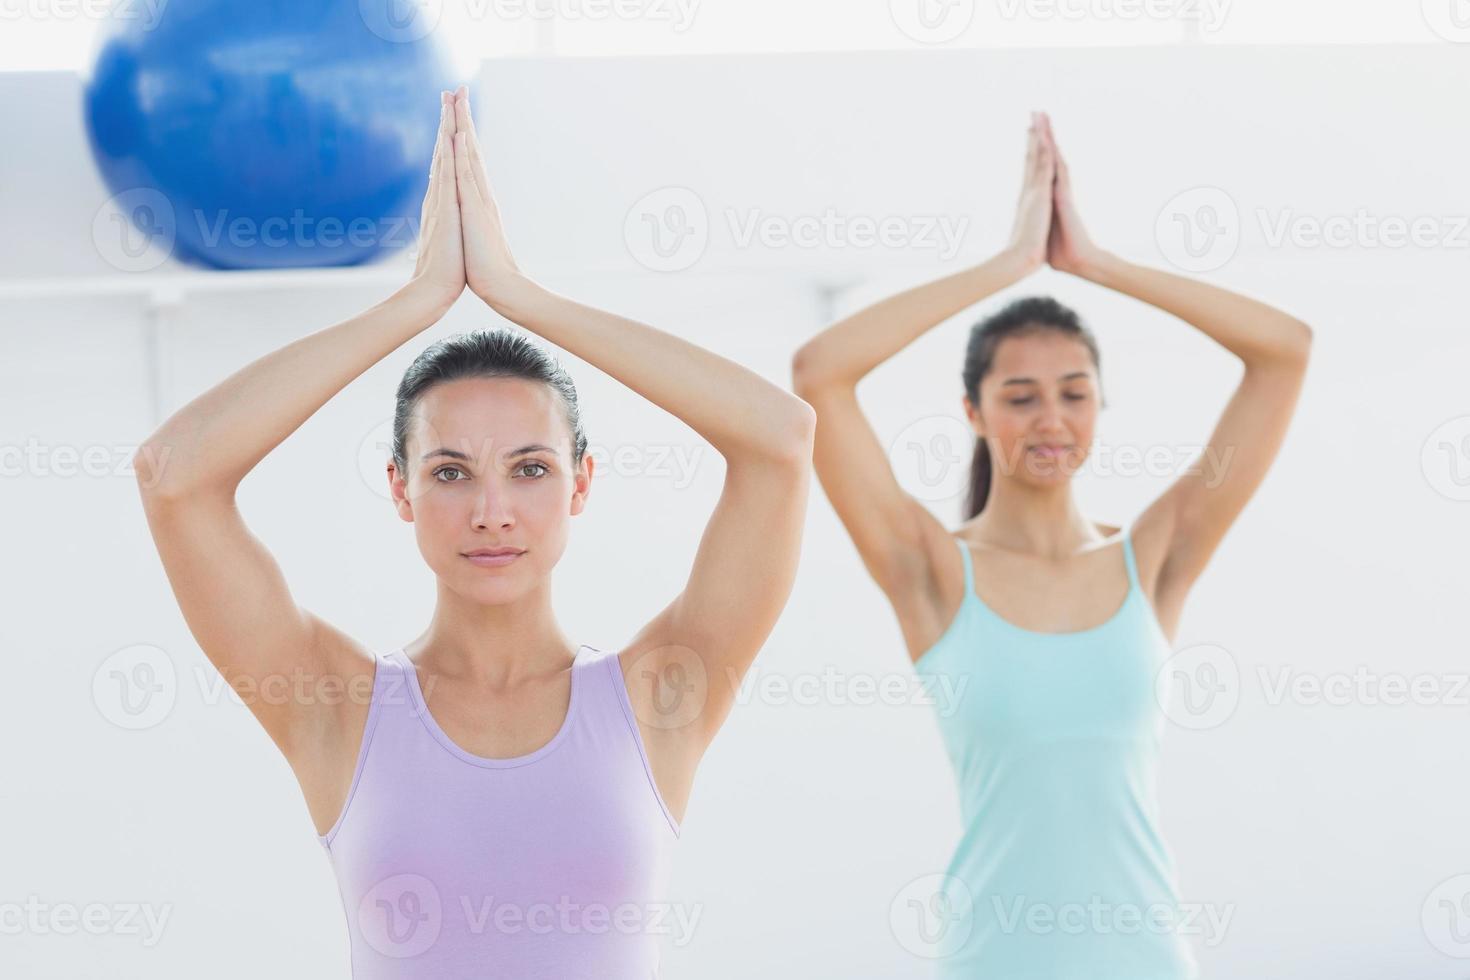 sportieve vrouwen met de handen ineen geslagen in fitness-studio foto